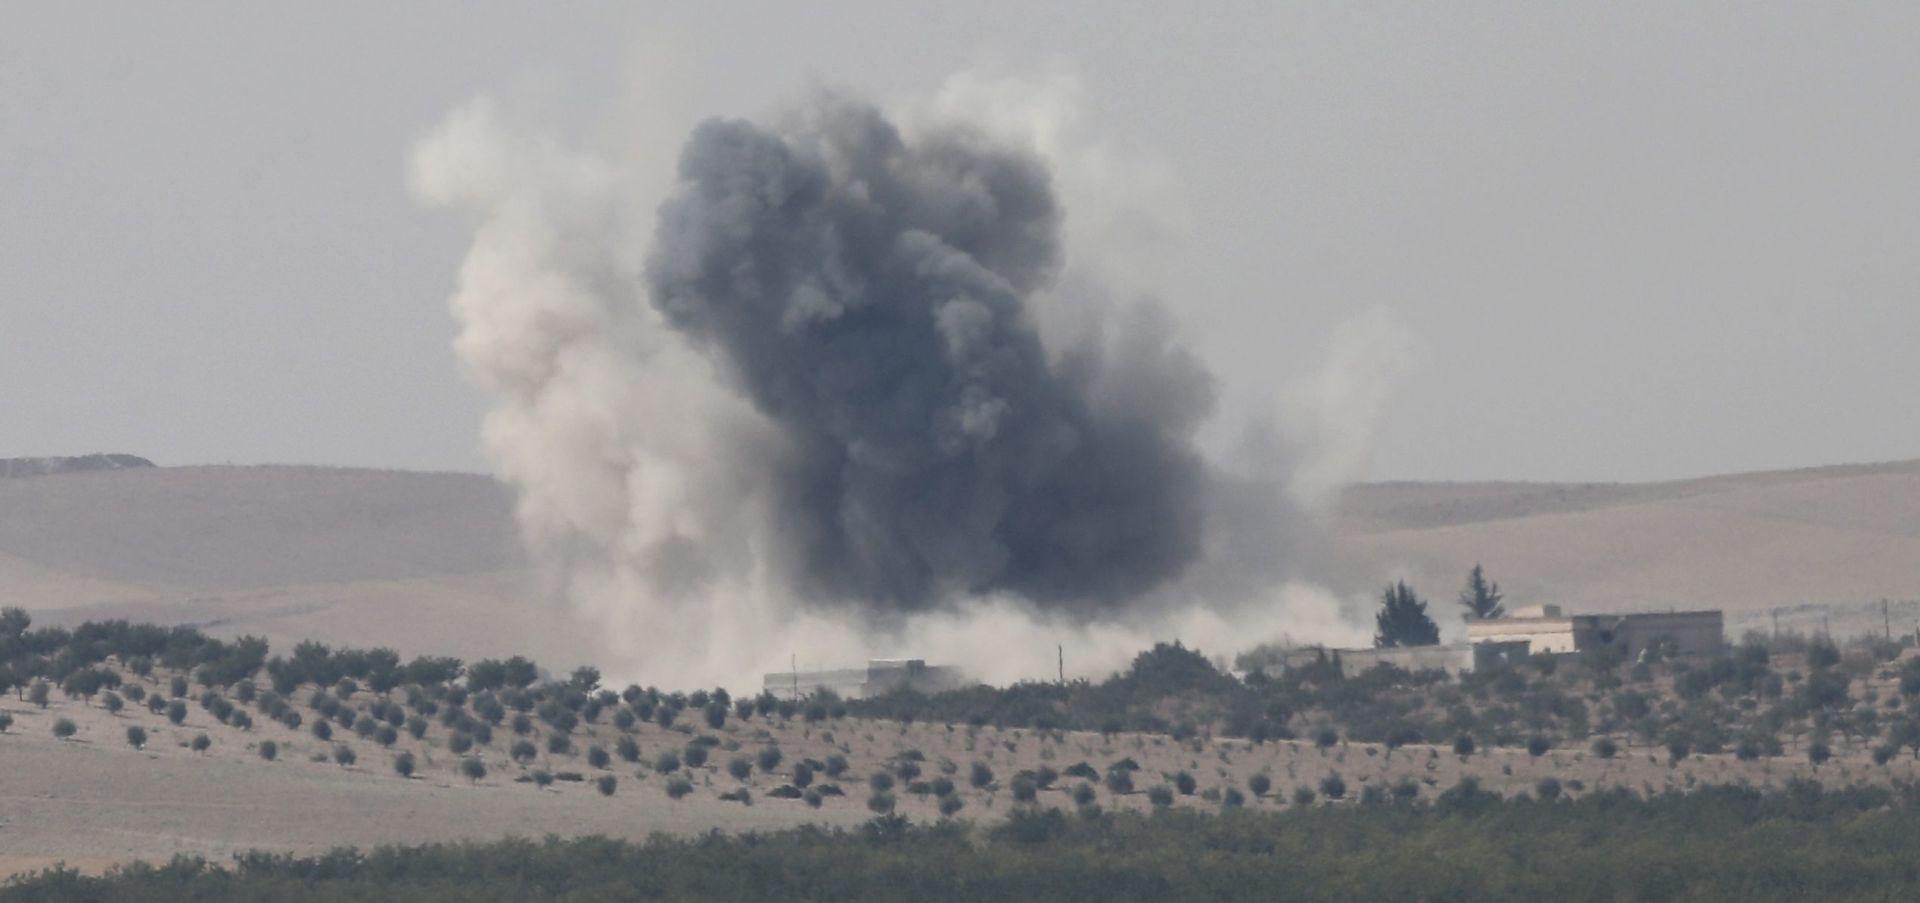 ZRAČNI NAPAD KOALICIJE: Australija izražava sućut obiteljima sirijskih vojnika